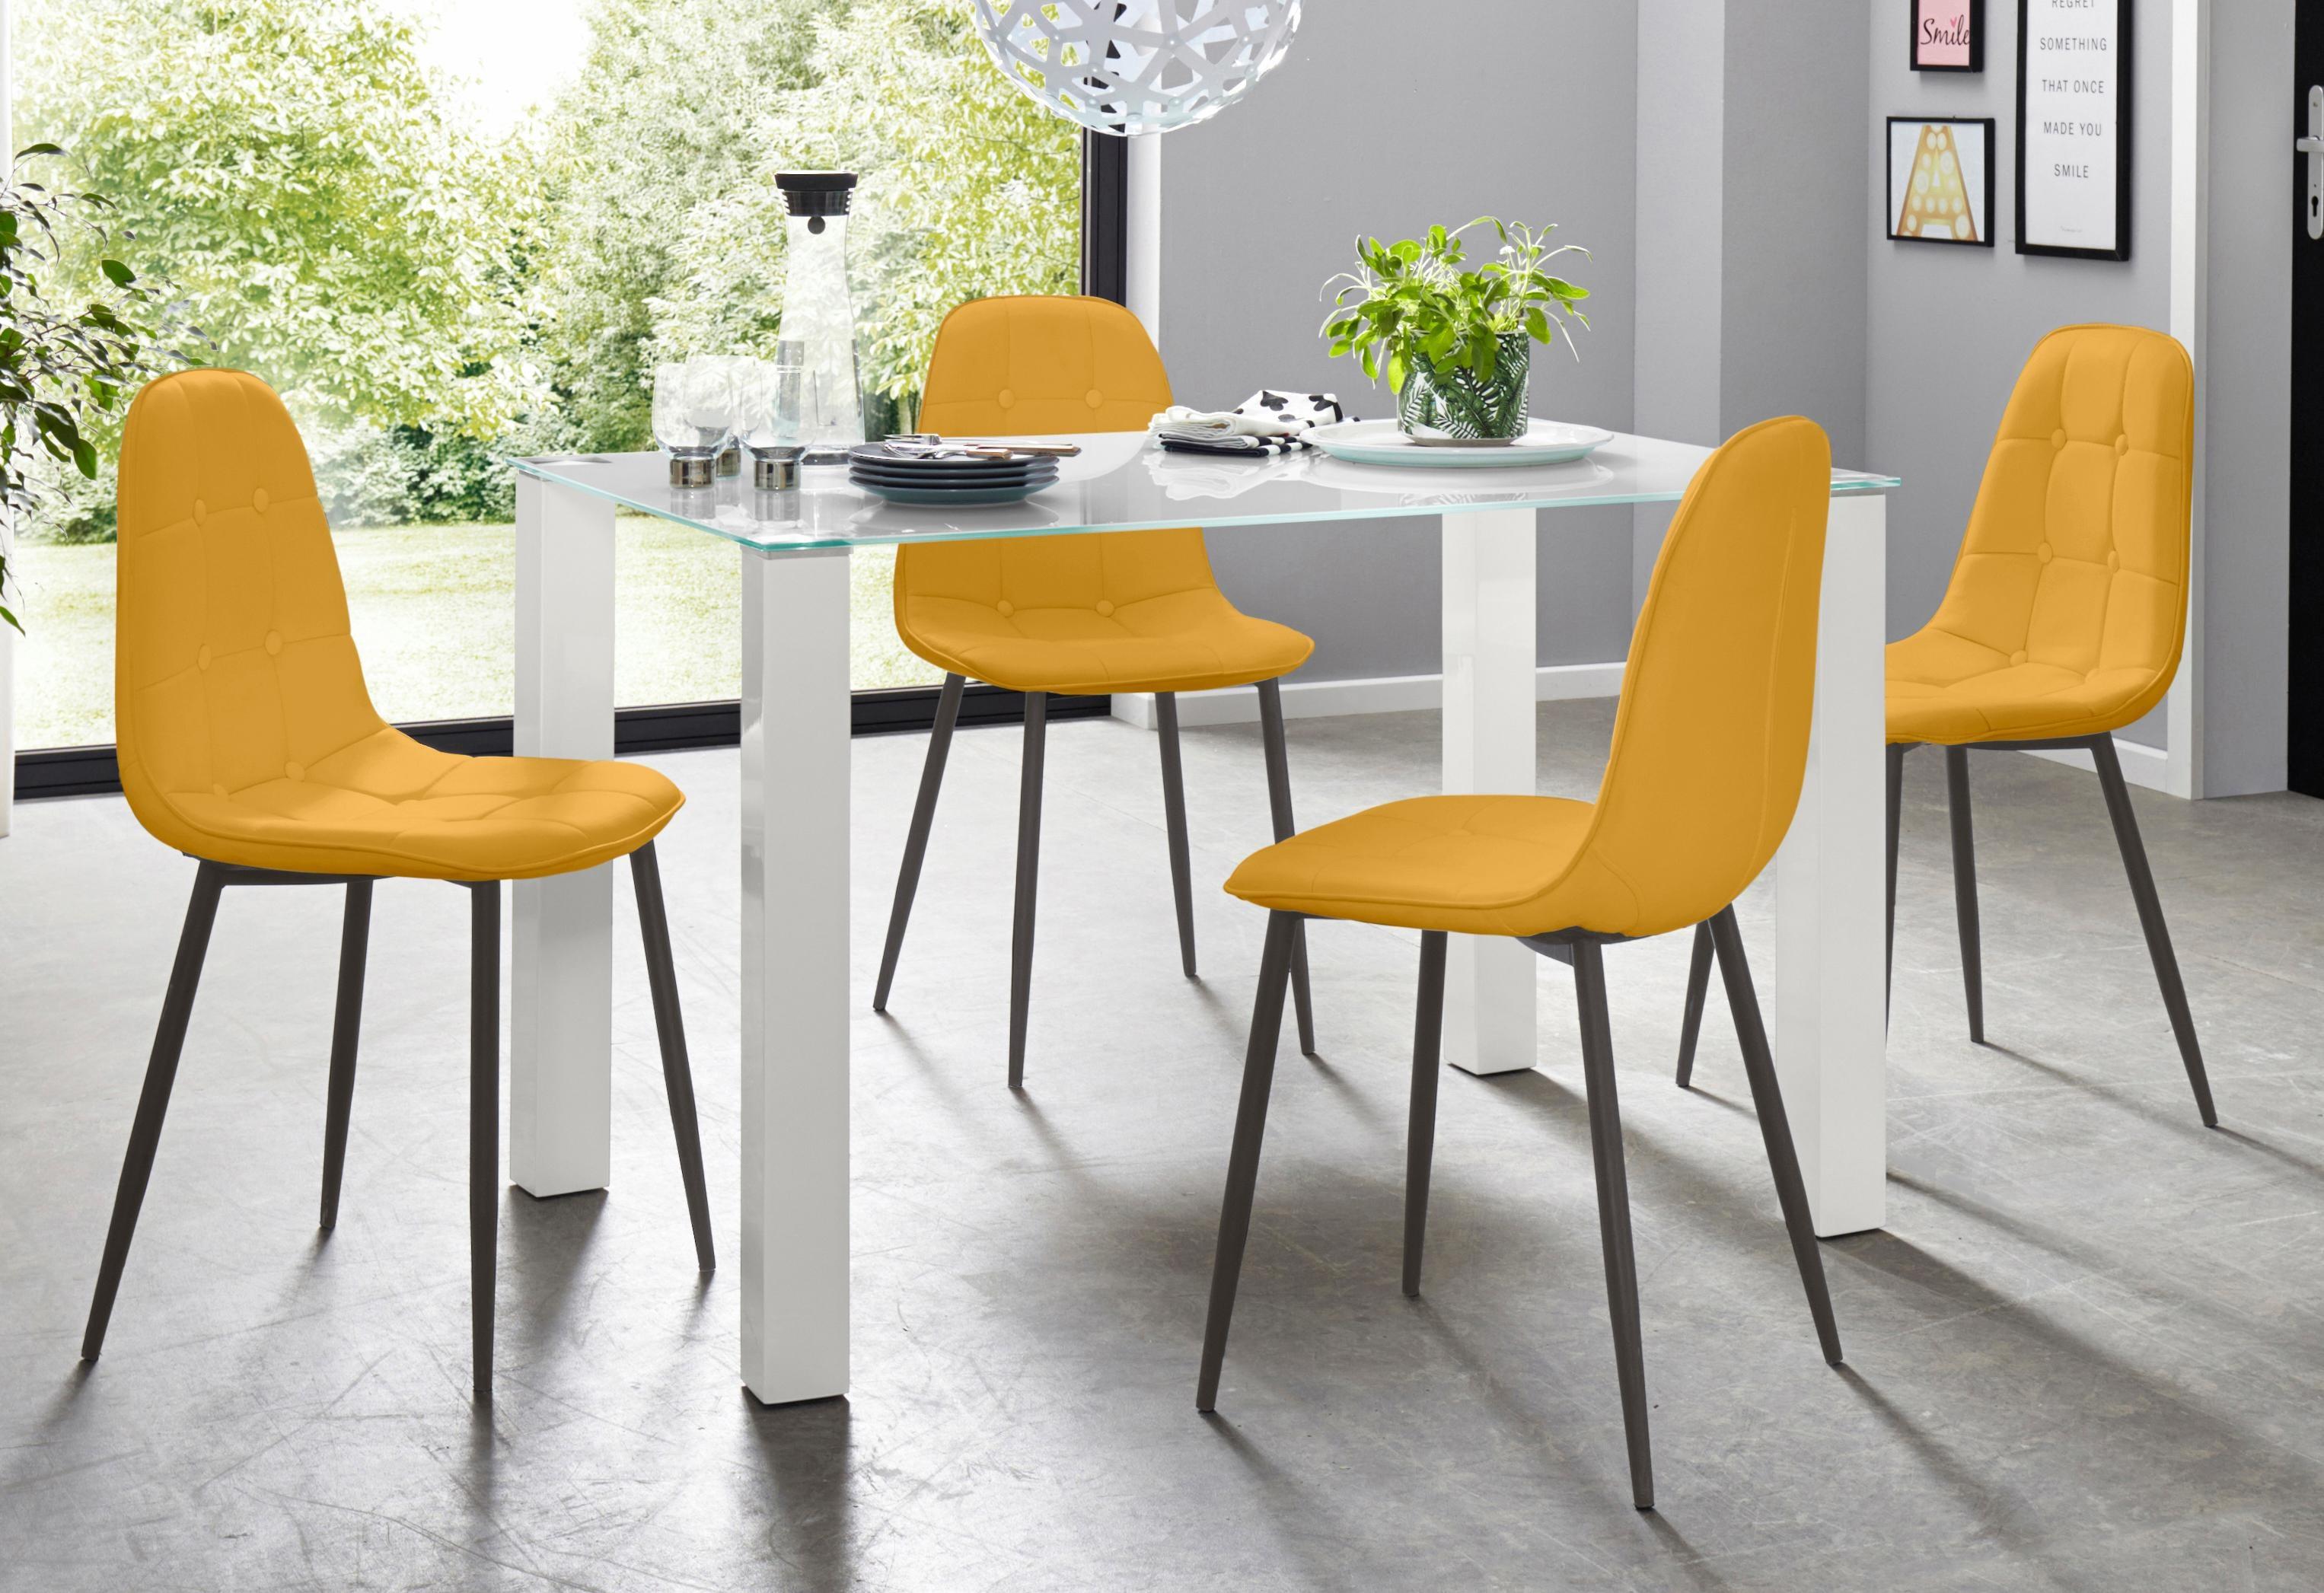 Essgruppe 5-teilig mit Glastisch 120 cm breit | Wohnzimmer > Tische > Glastische | Gelb